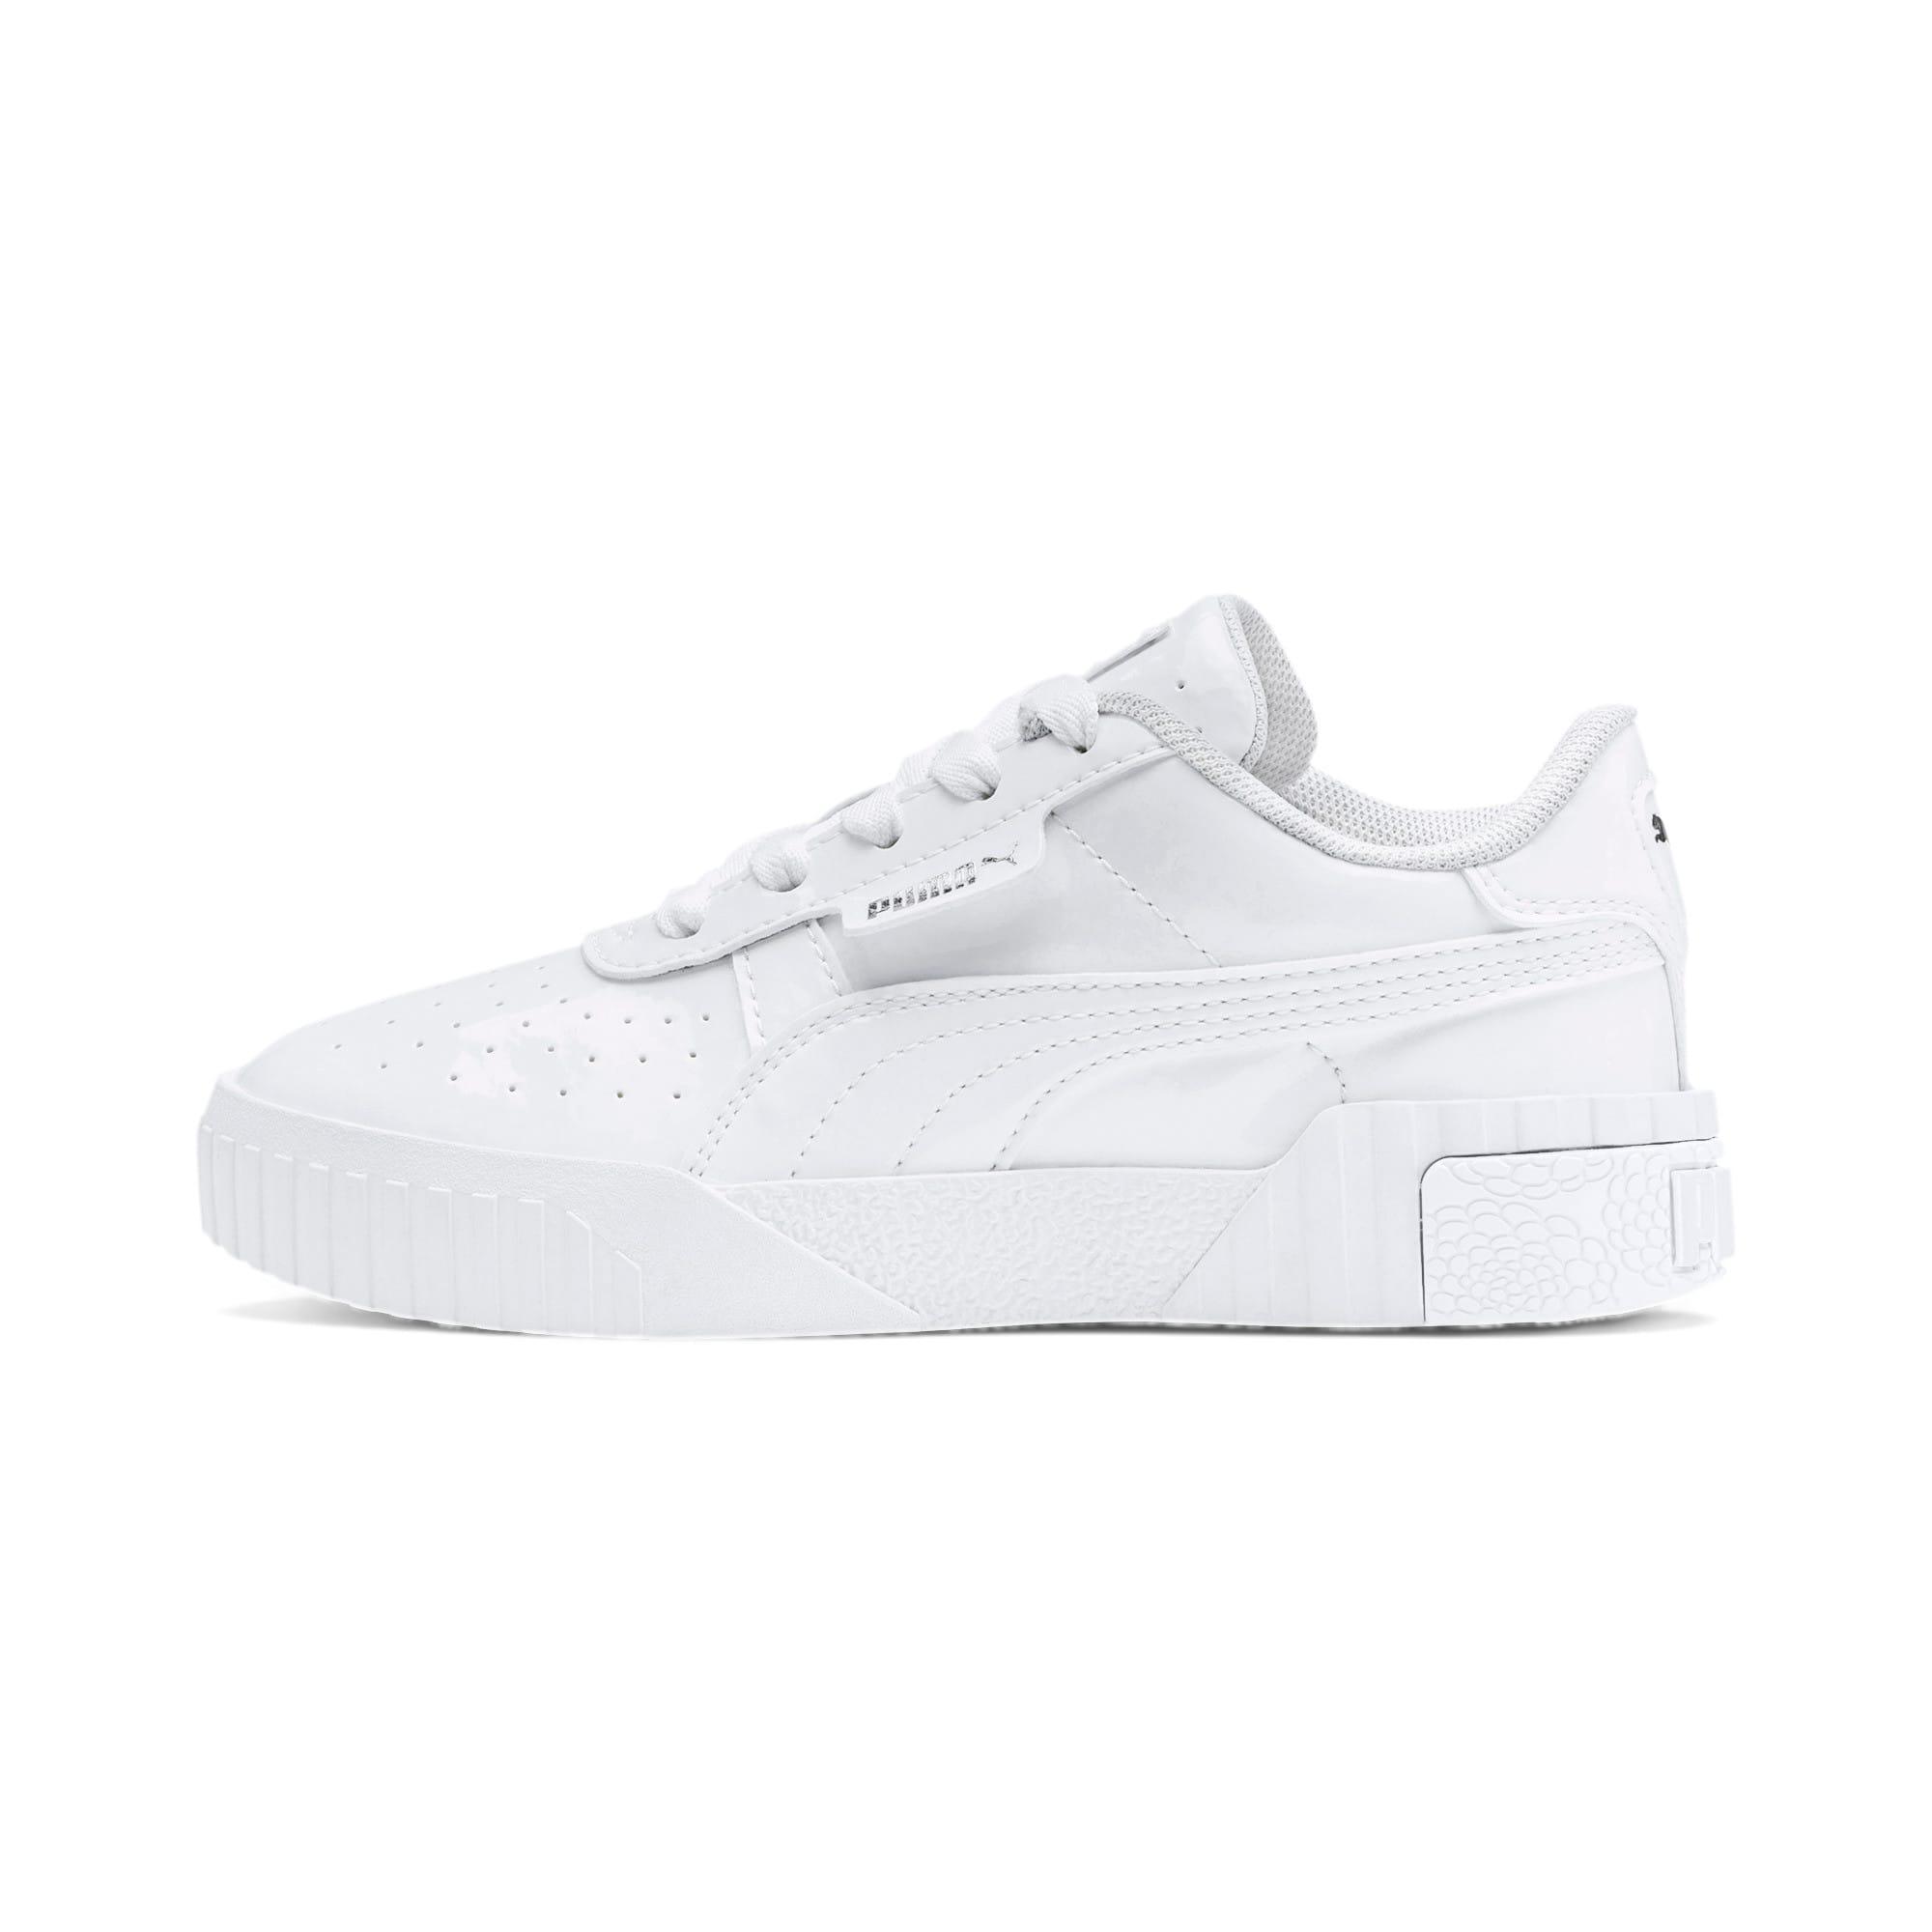 Miniatura 1 de Zapatos de charol Cali para niña pequeña, Puma White-Puma White, mediano